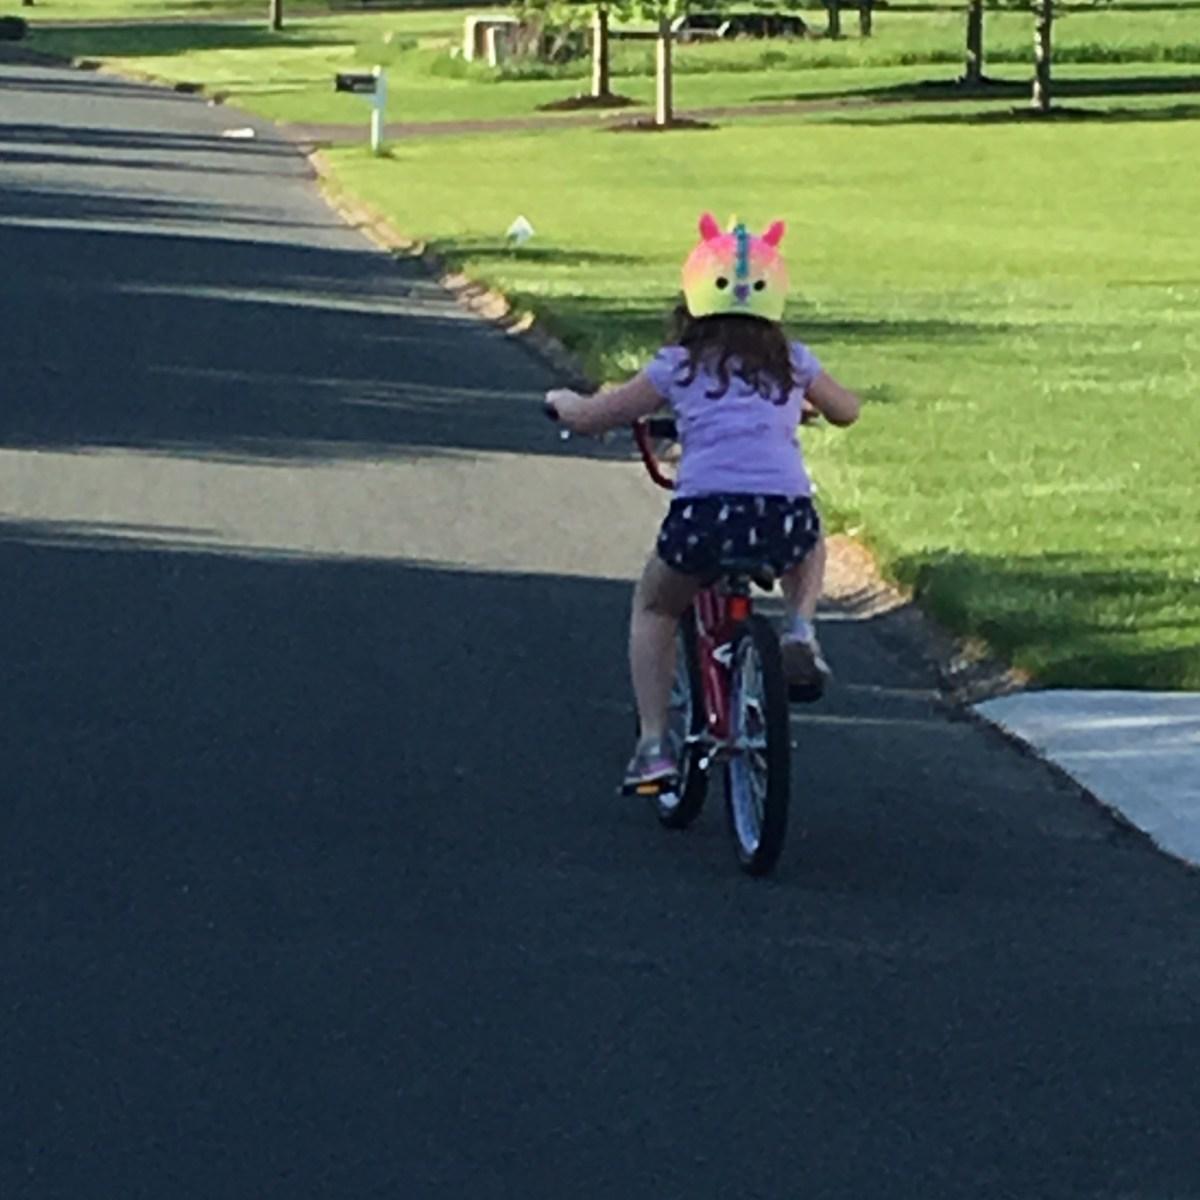 Peyton riding her bike